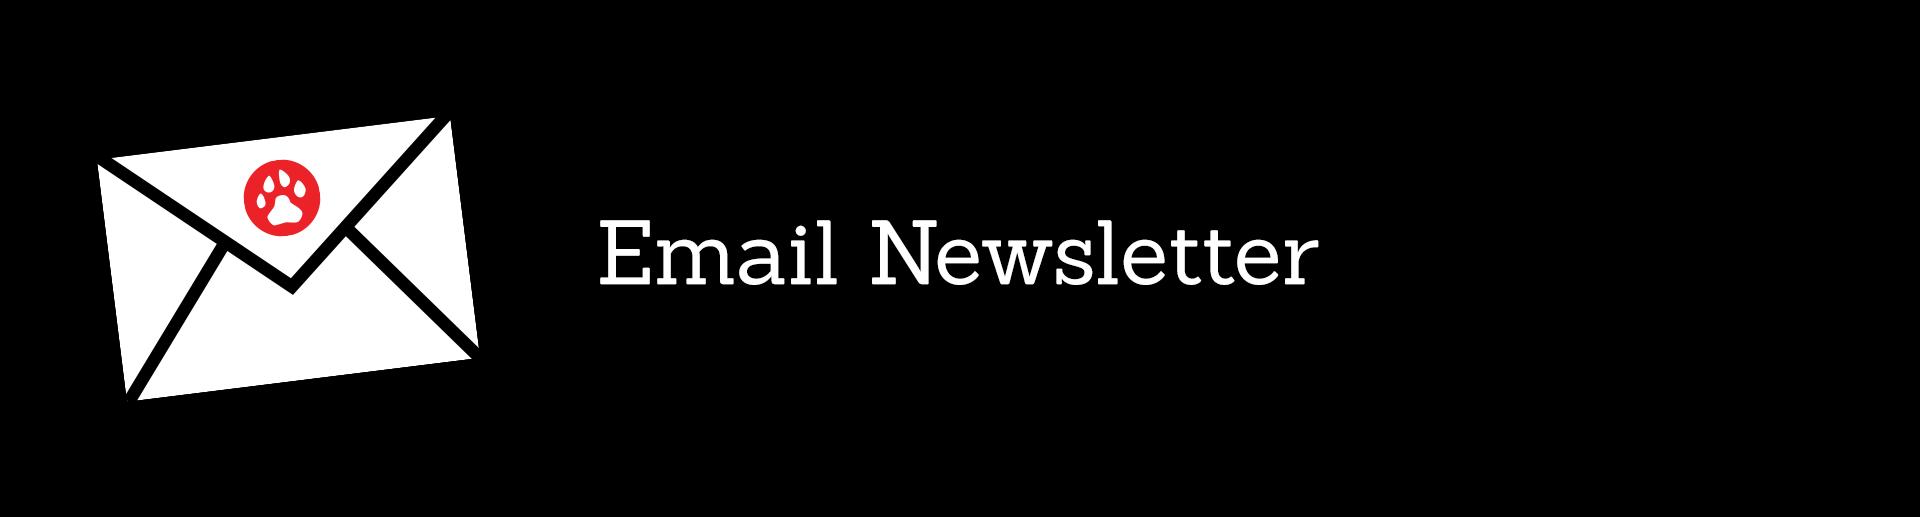 SOMS-email newsletter slider